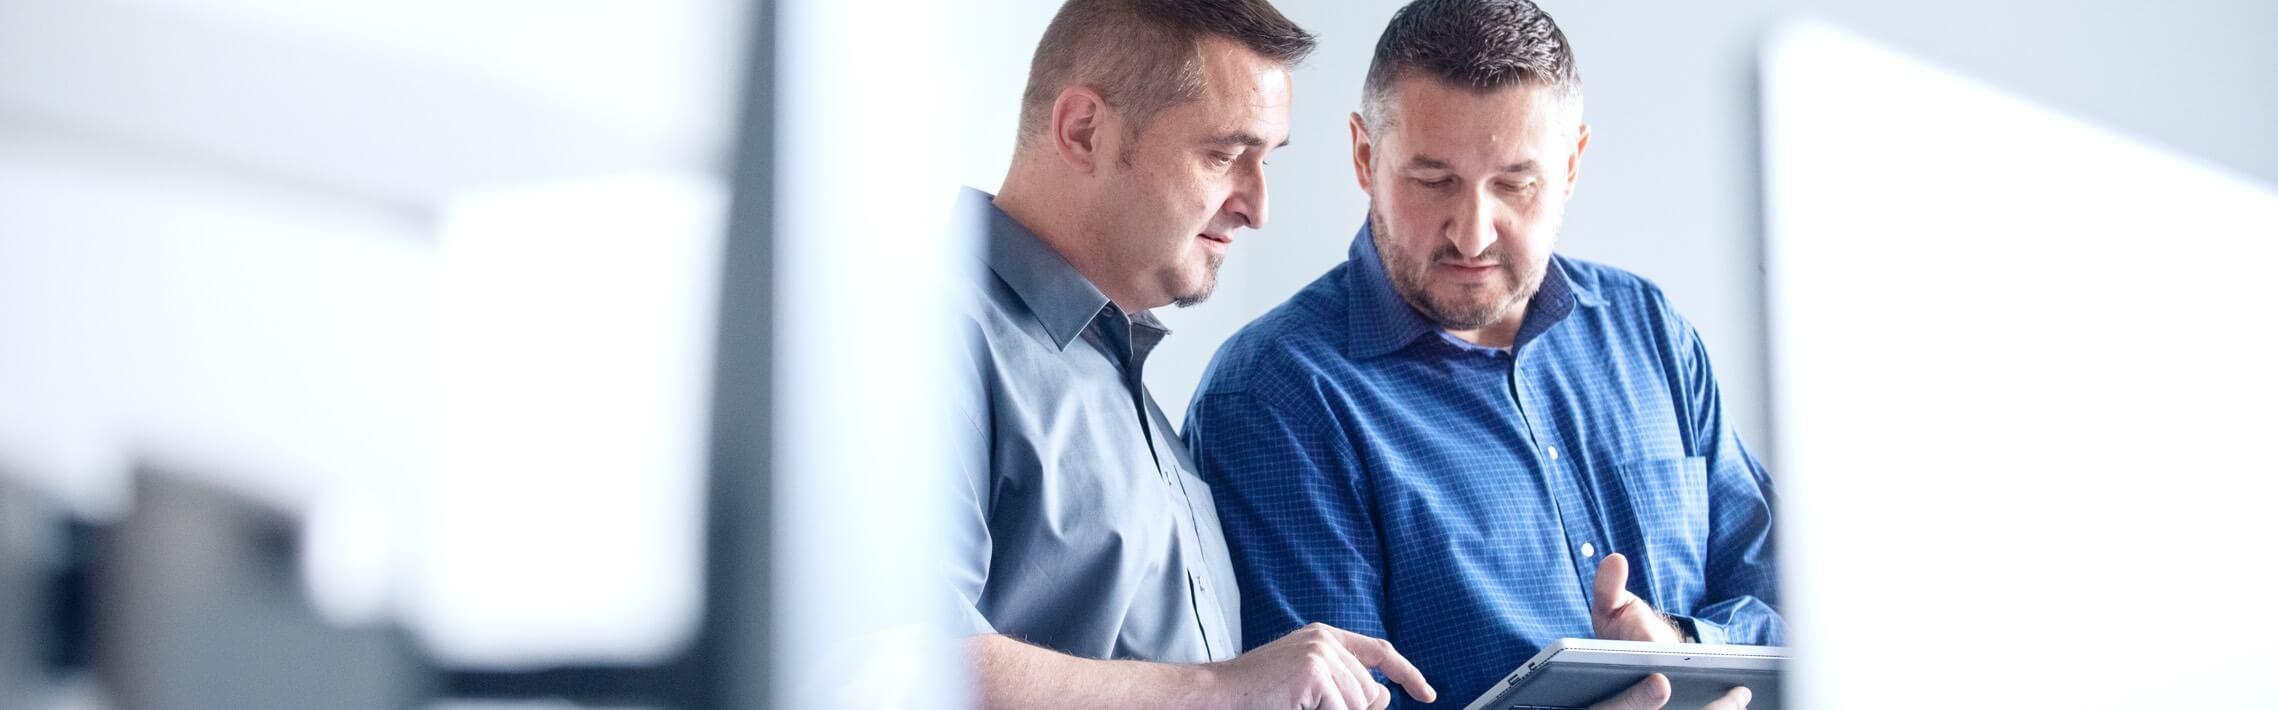 IT Security Beratung persönlich und kompetent